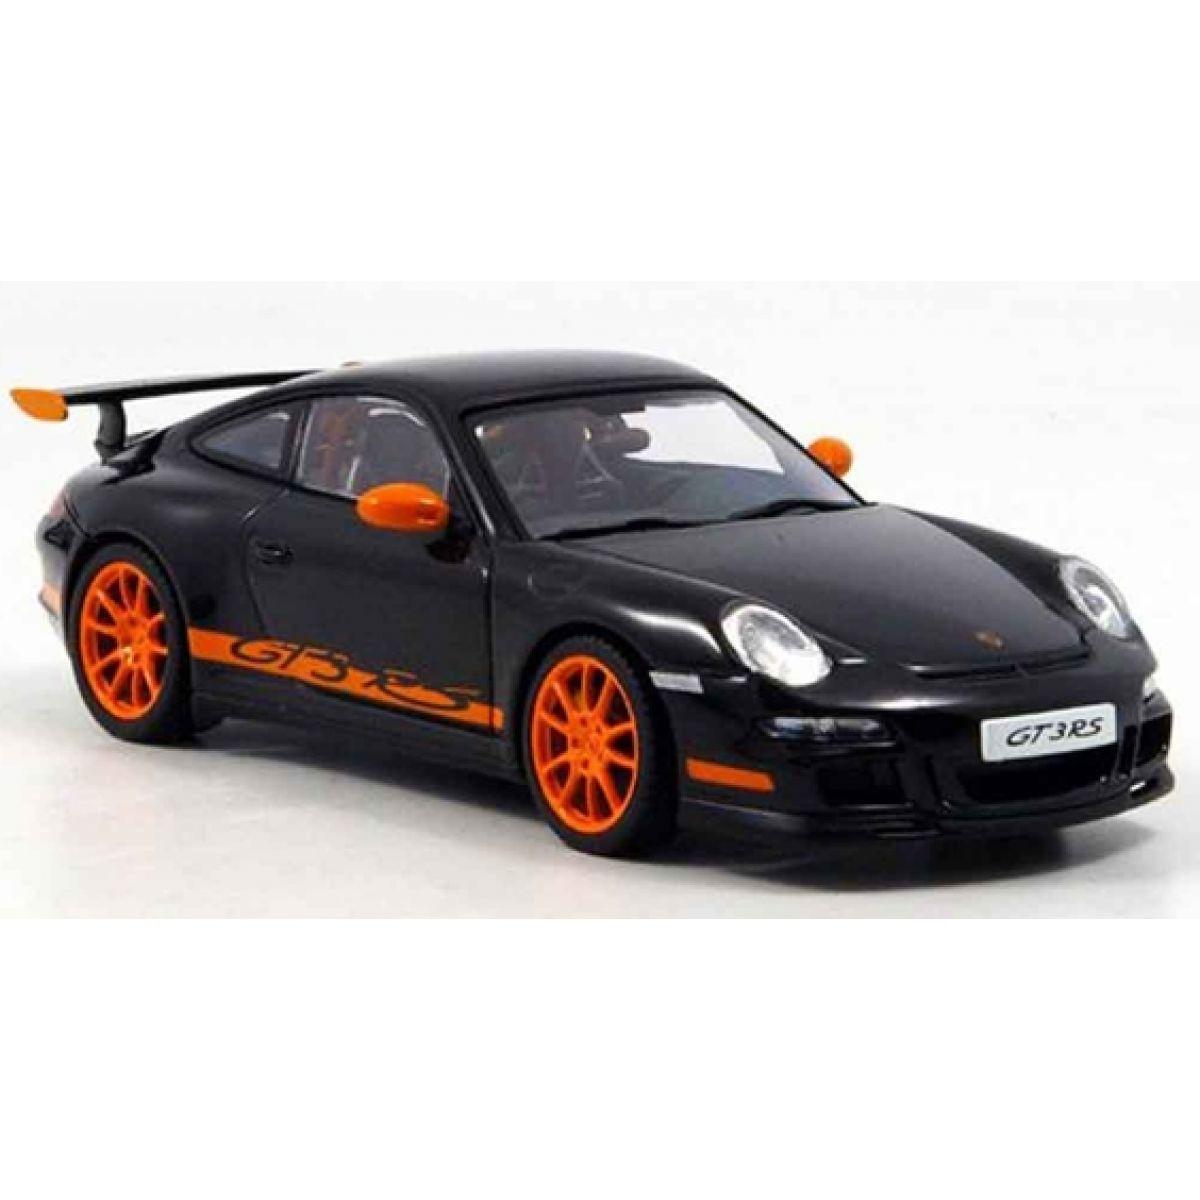 Kinsmart Auto Porsche 911 GT3 RS 2010 kov 12 cm - Černá